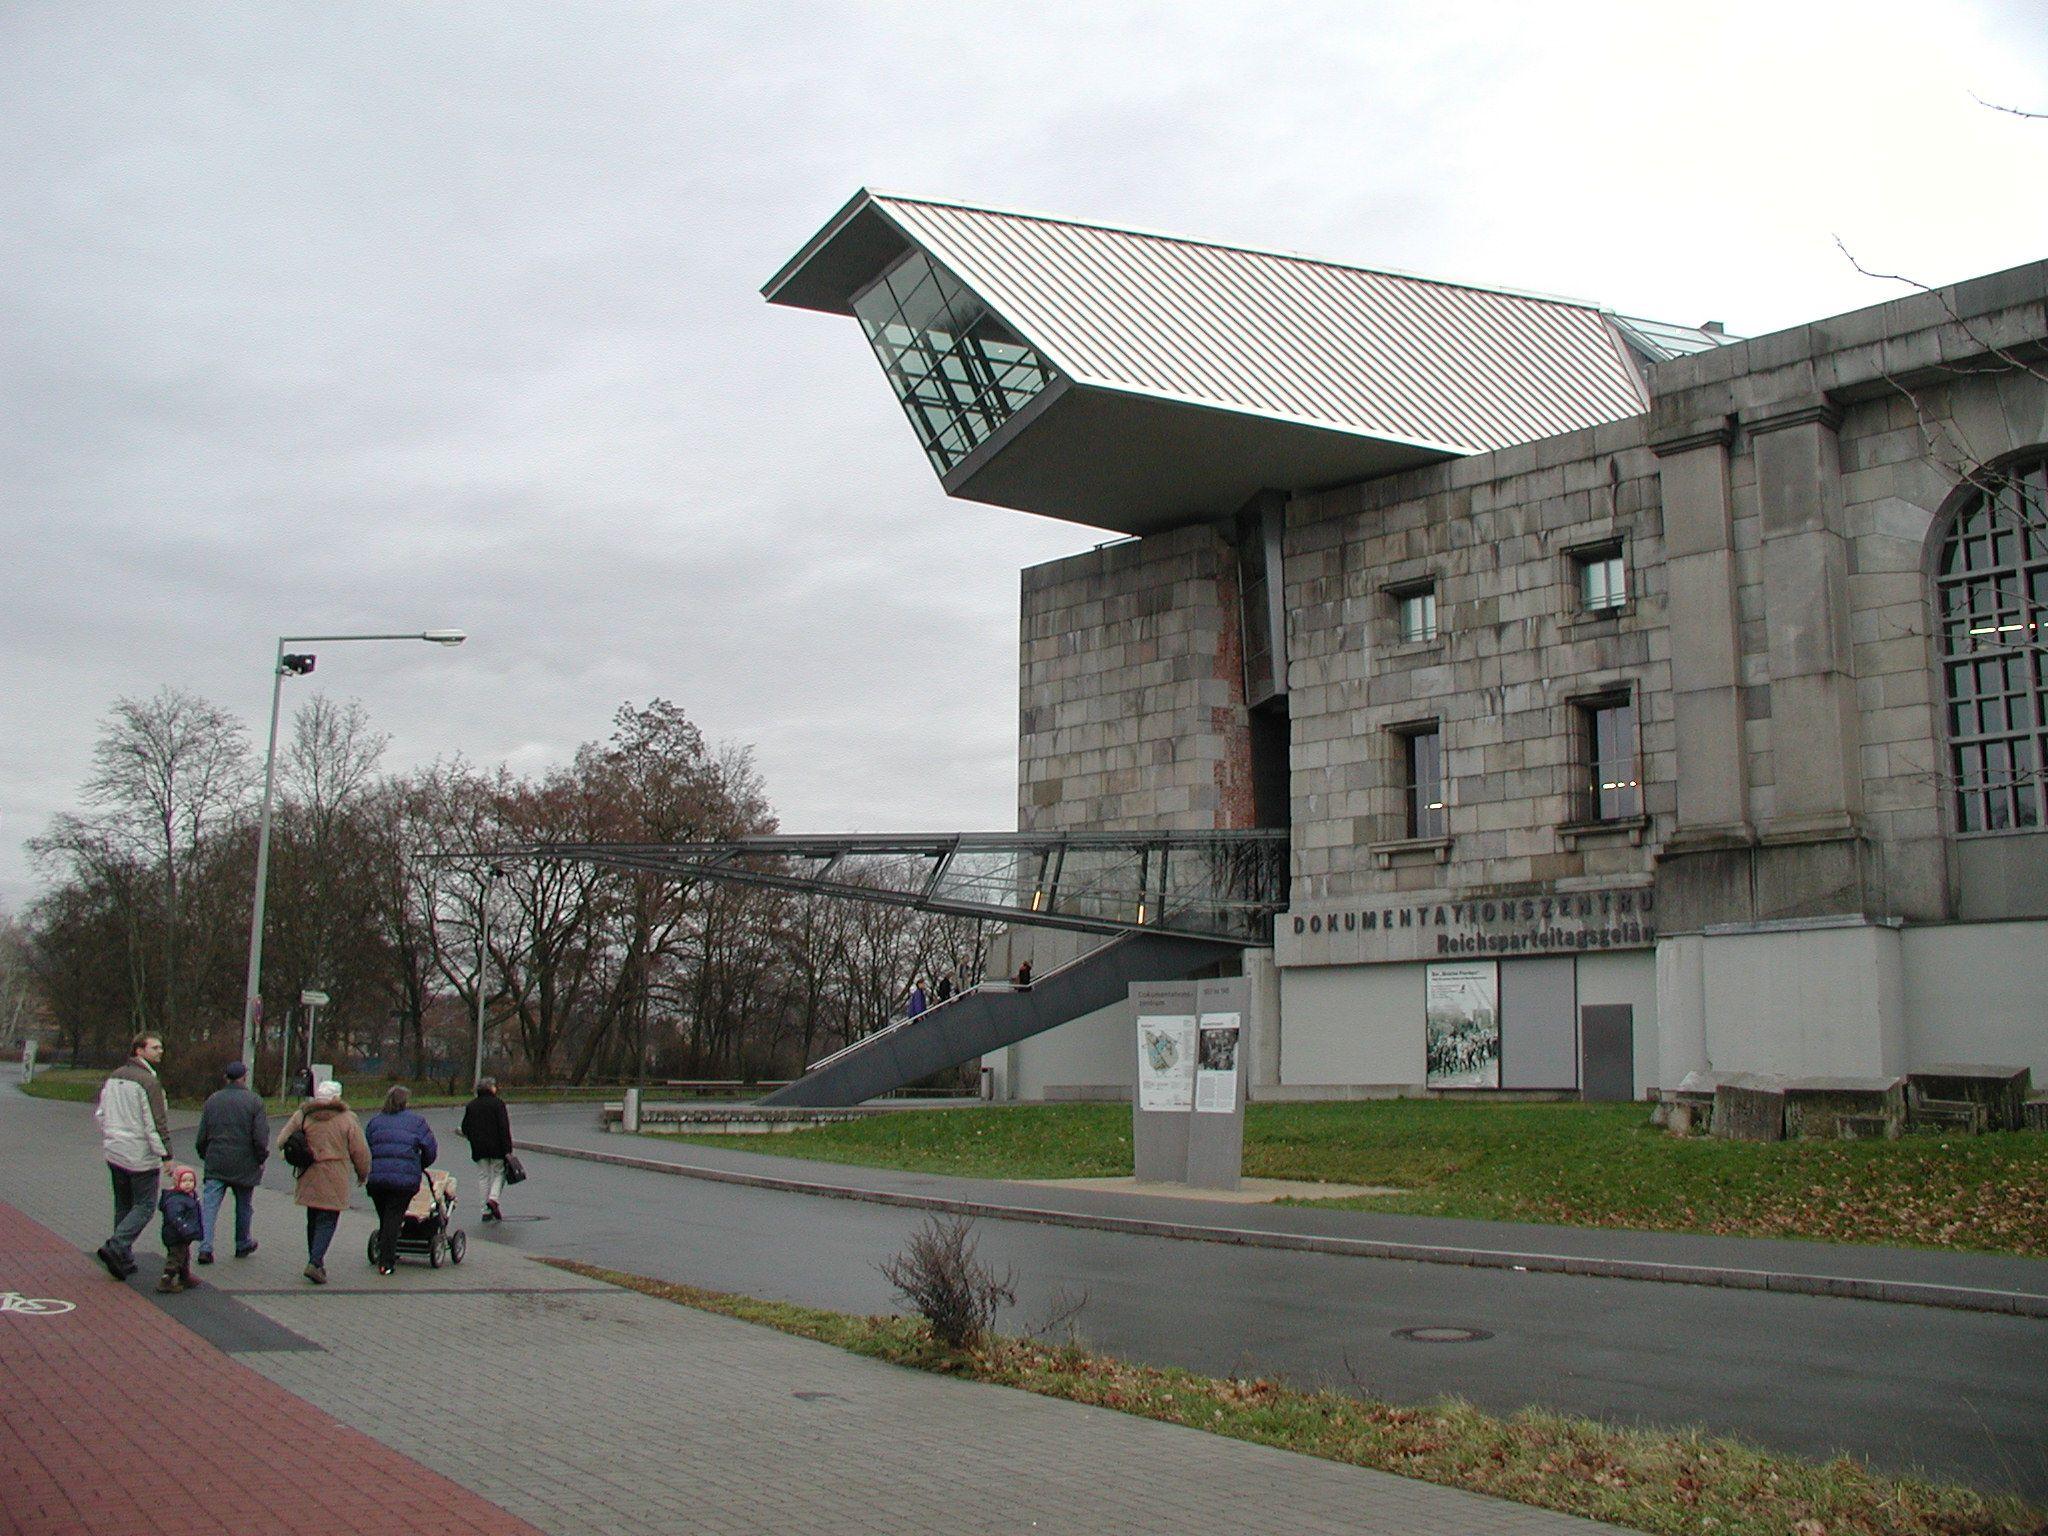 Dokumentationszentrum Nuremberg Interior Architecture Design House Styles Architecture